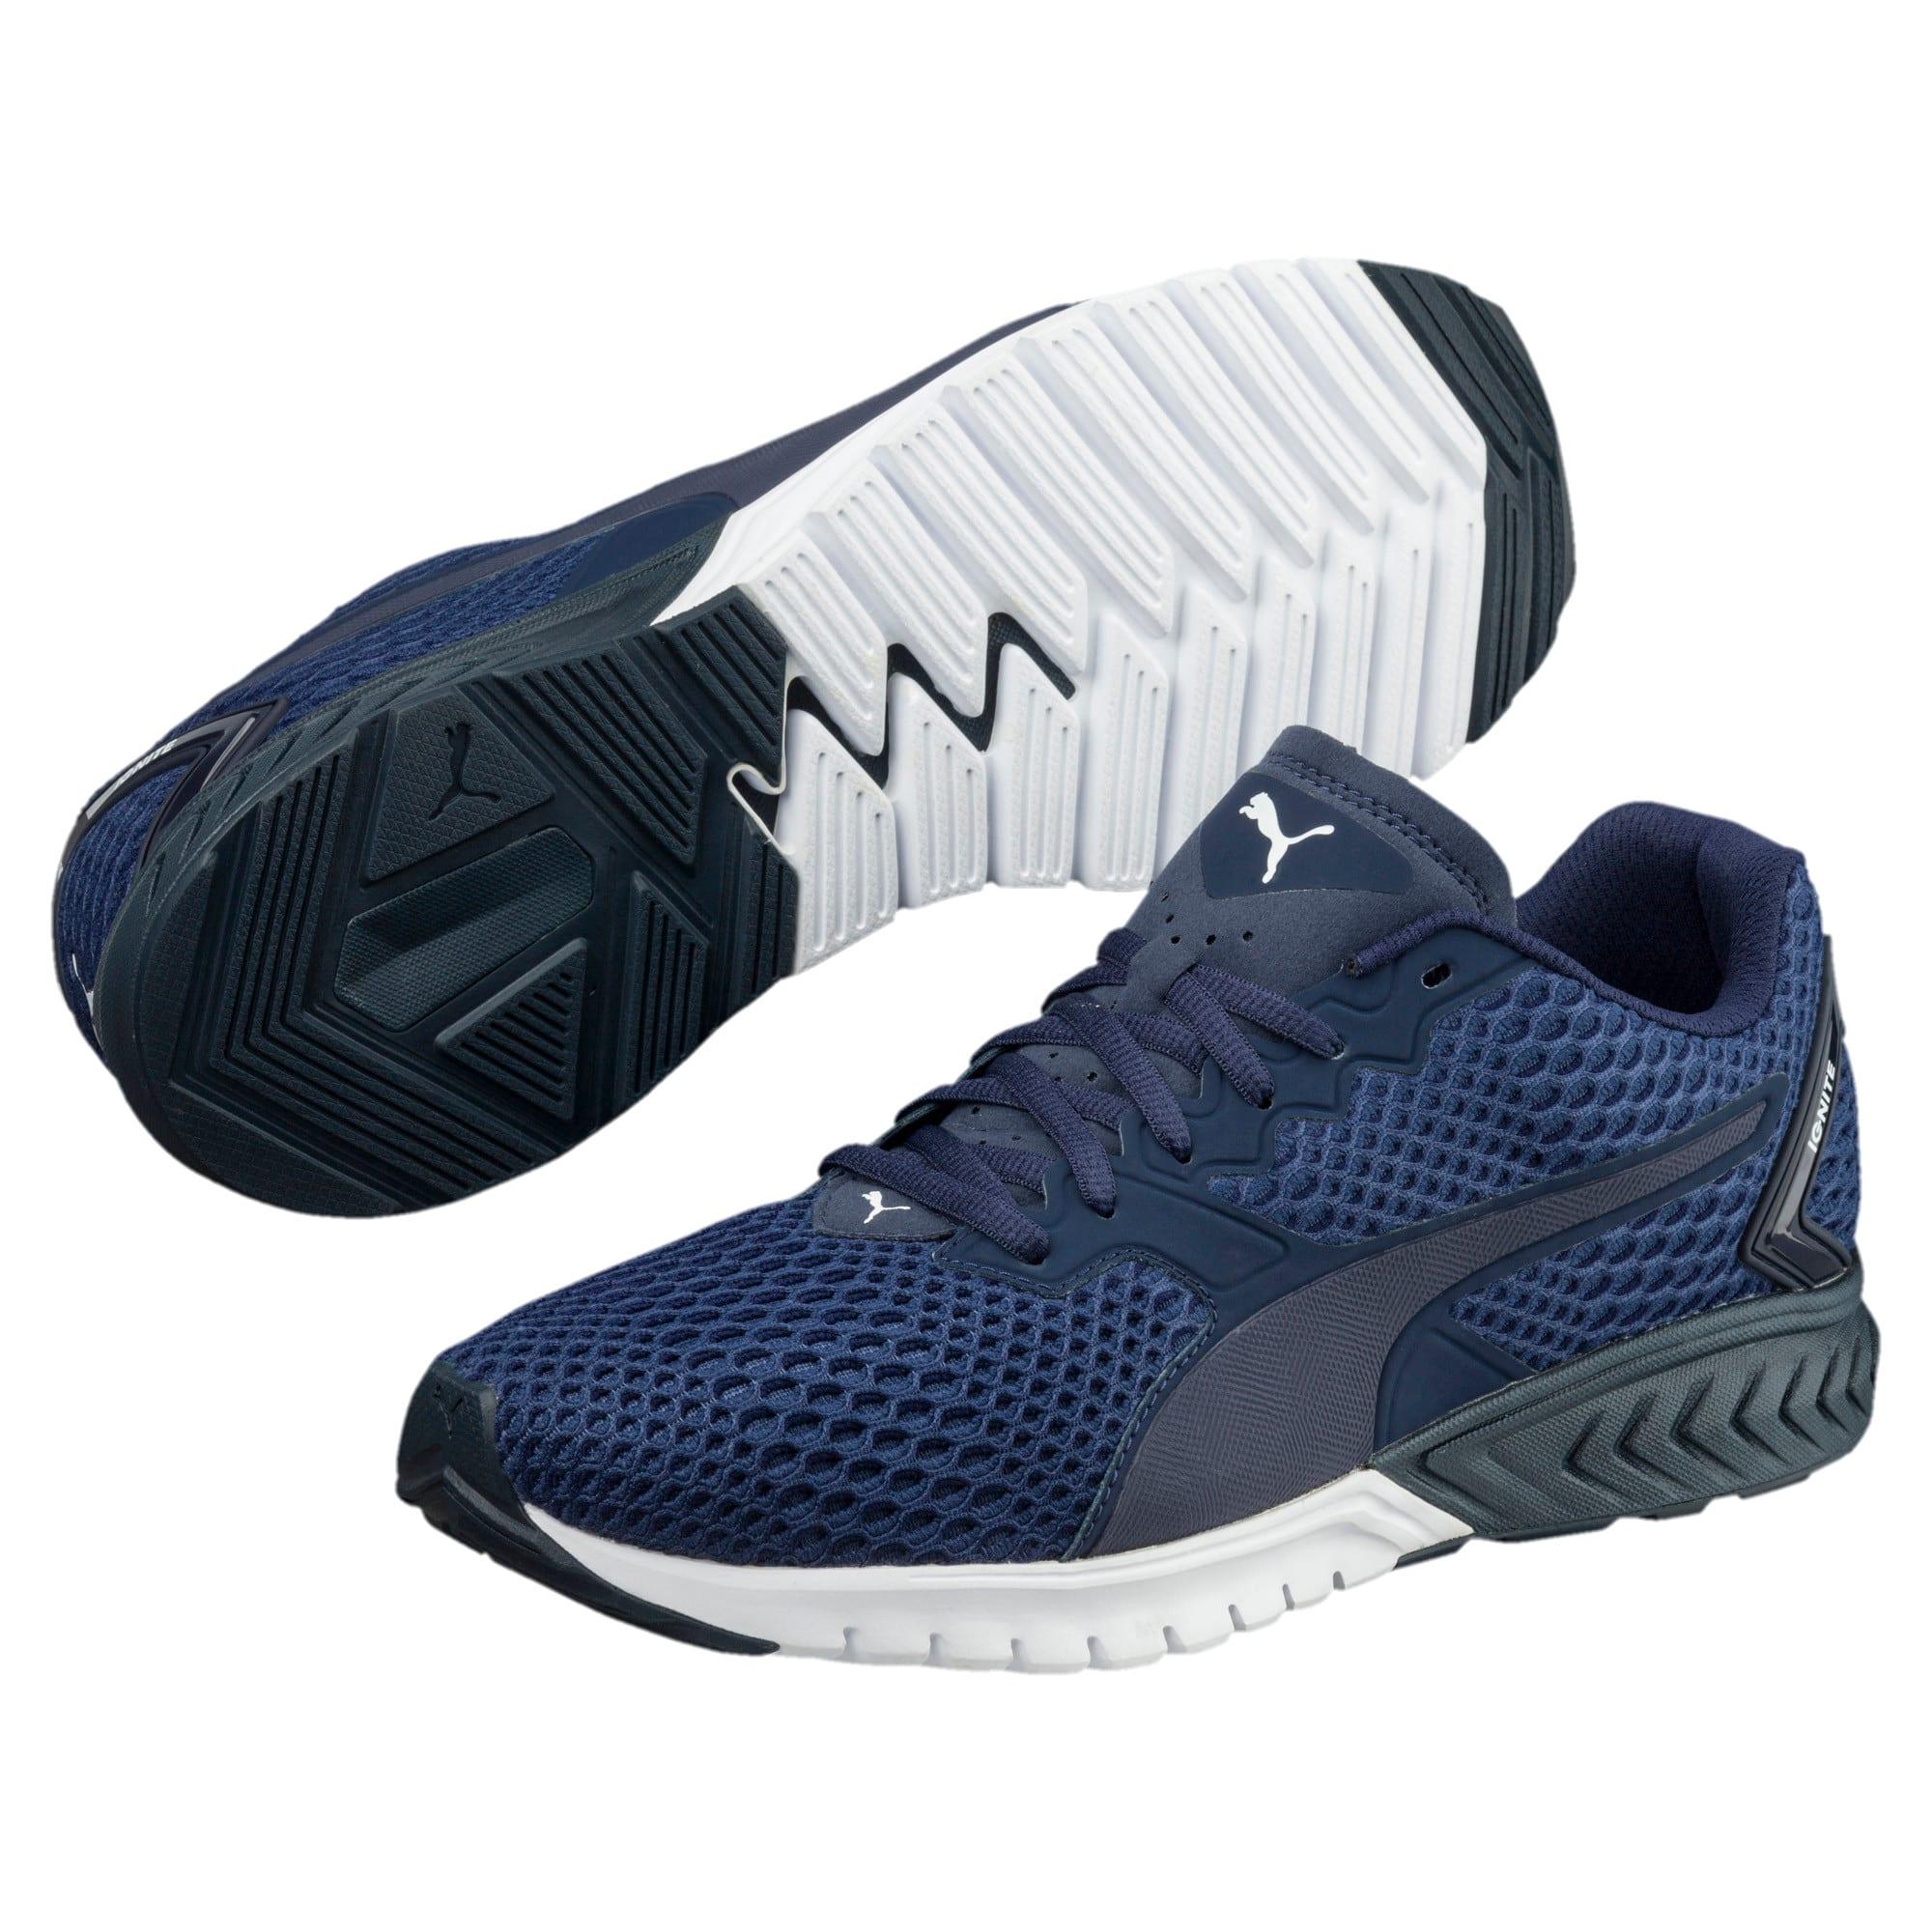 Thumbnail 2 of IGNITE Dual New Core Men's Training Shoes, Peacoat-Sargasso Sea, medium-IND